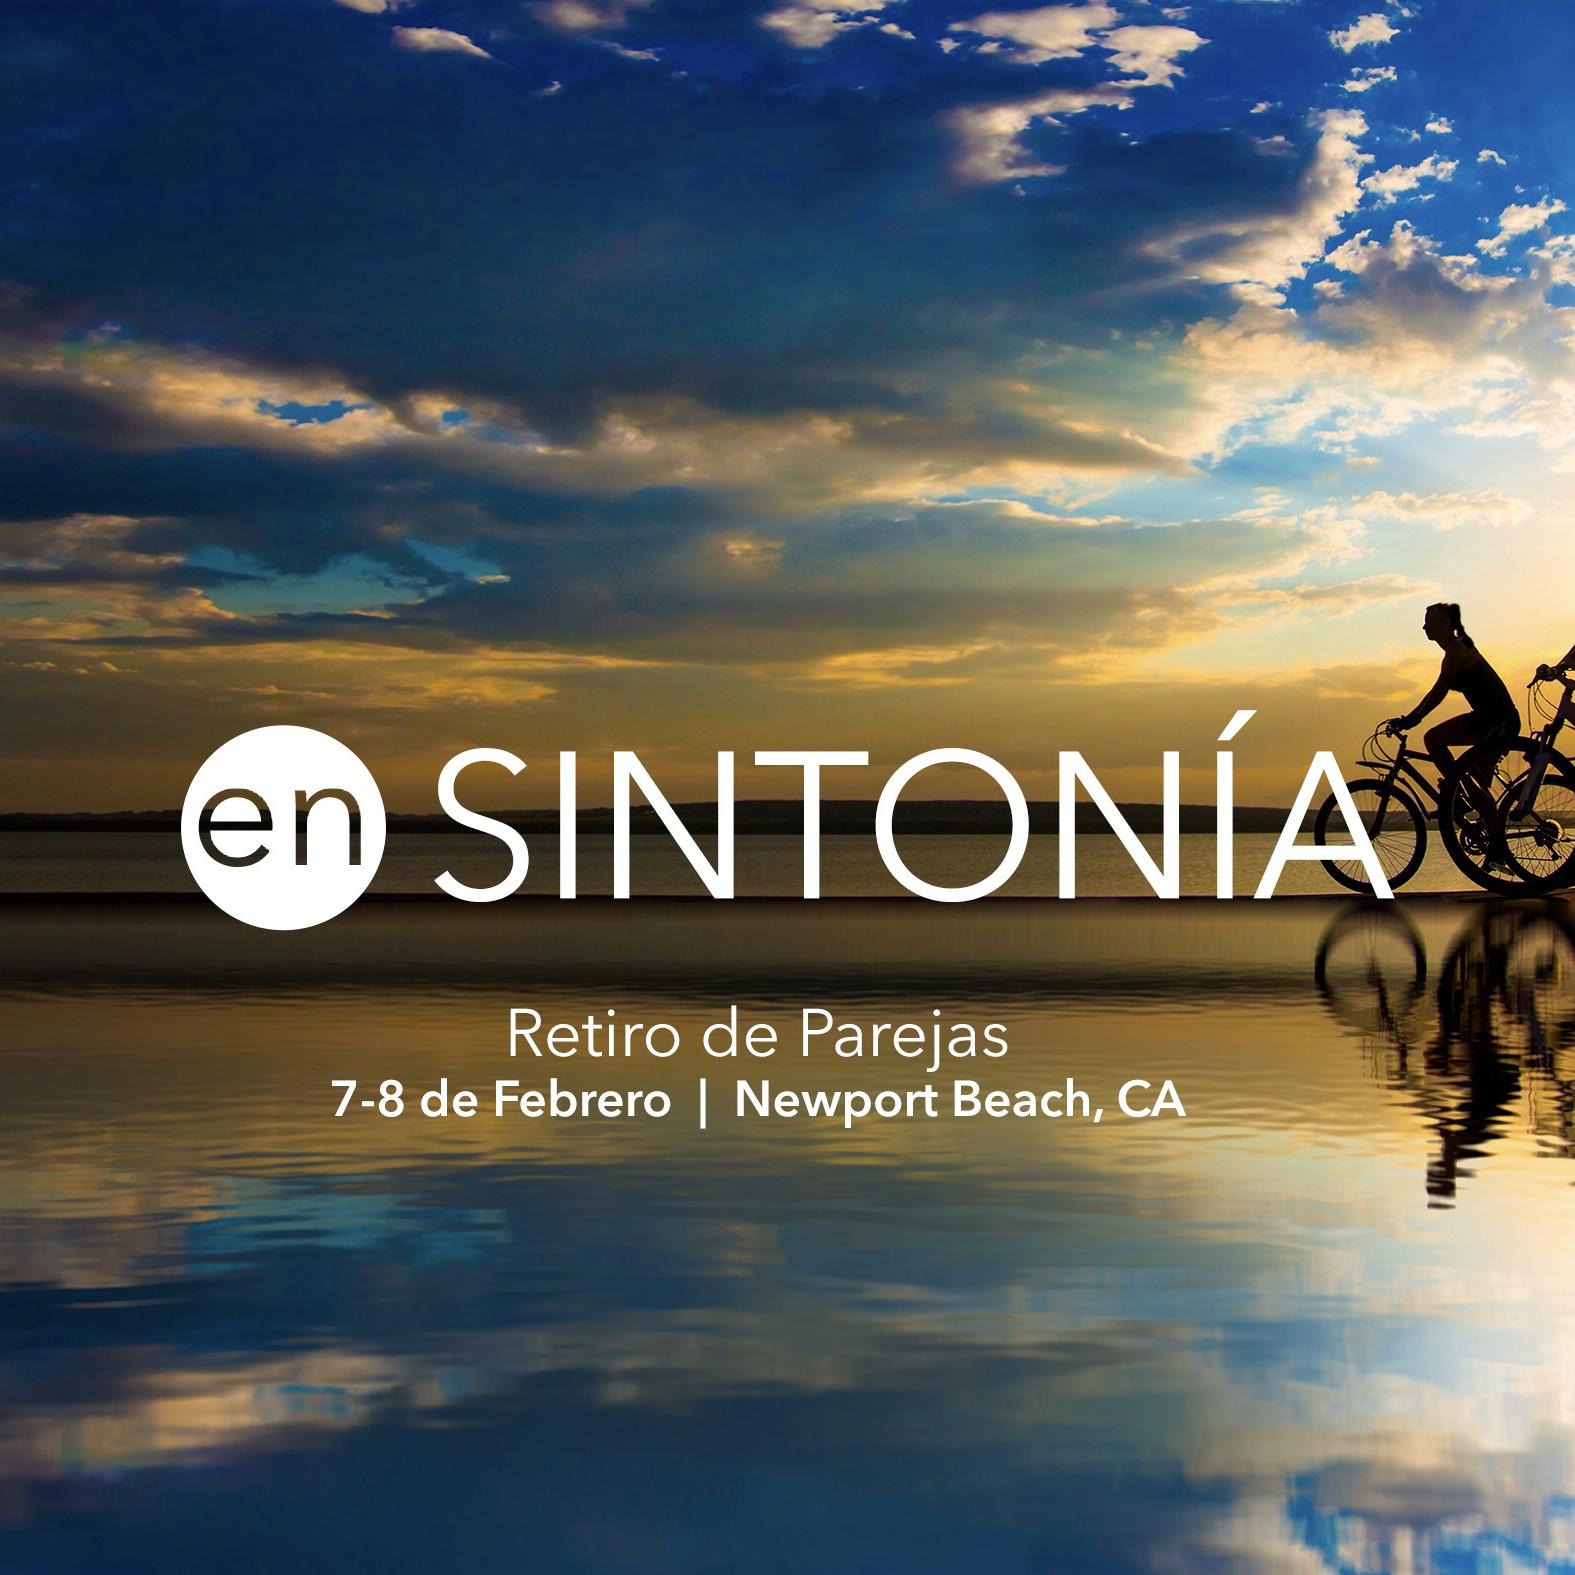 En Sintonía postcard front 2.jpg